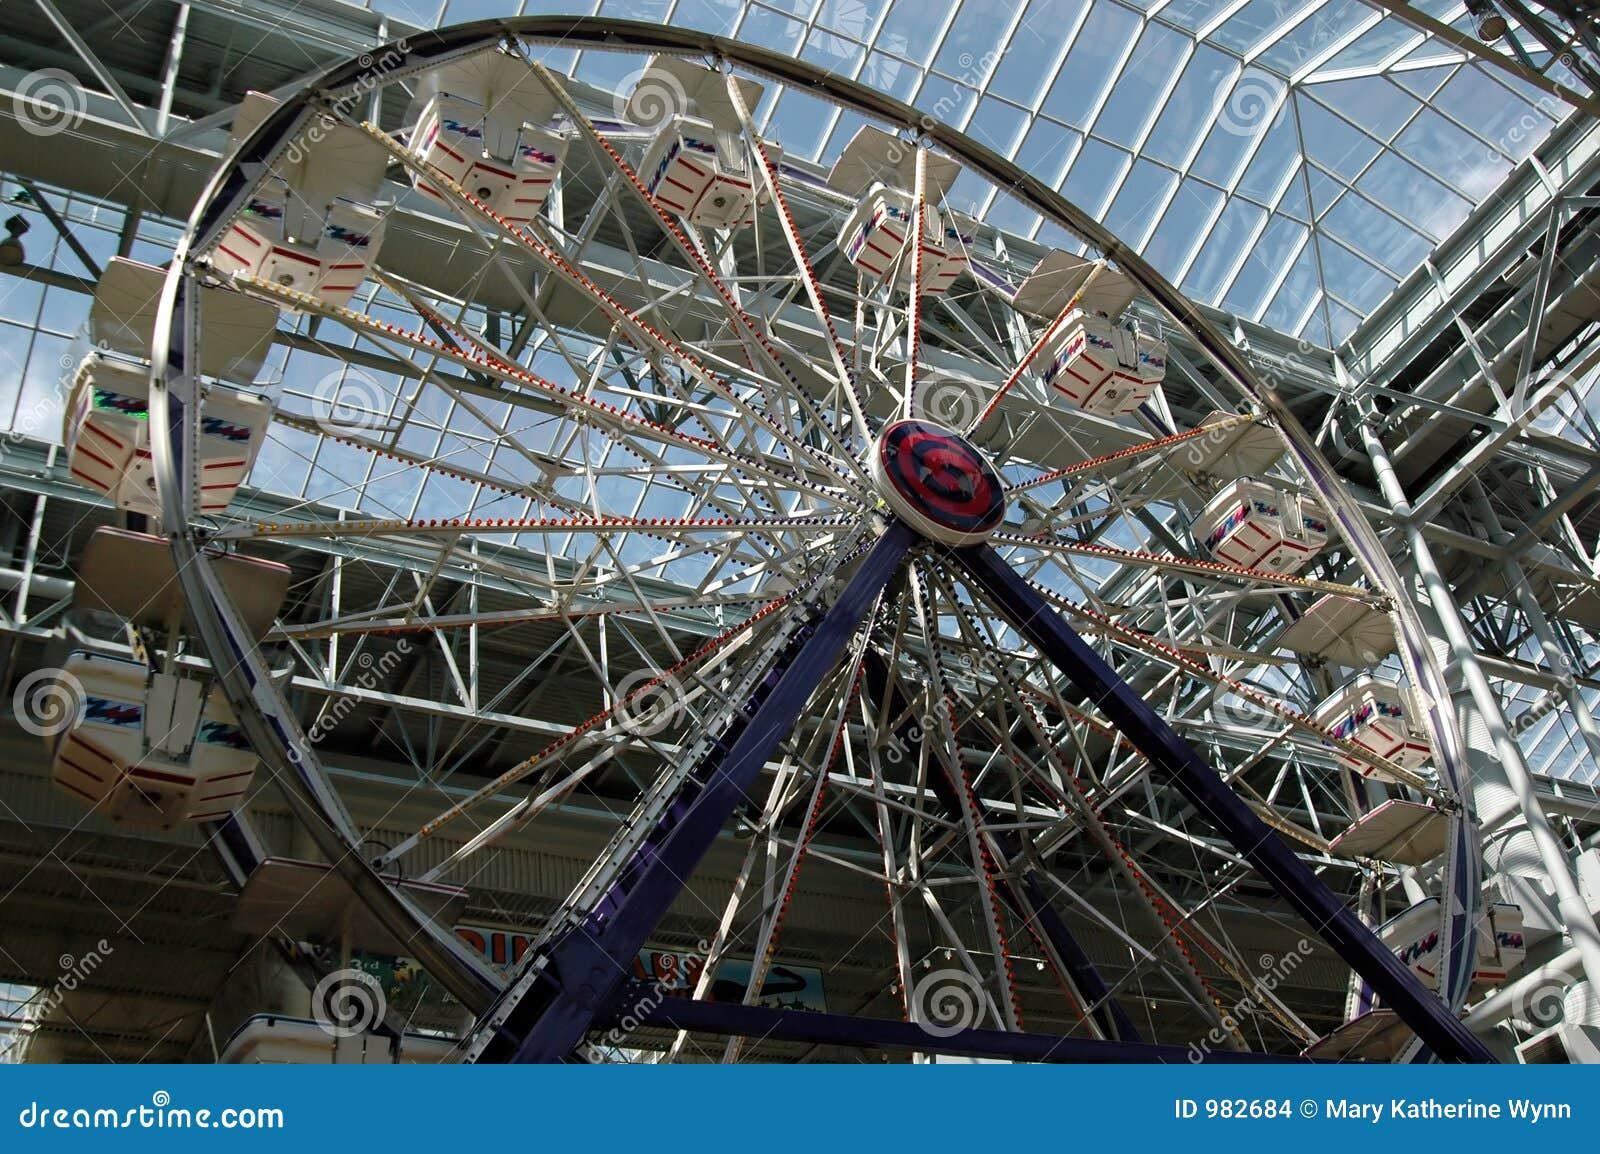 Indoor Ferris wheel